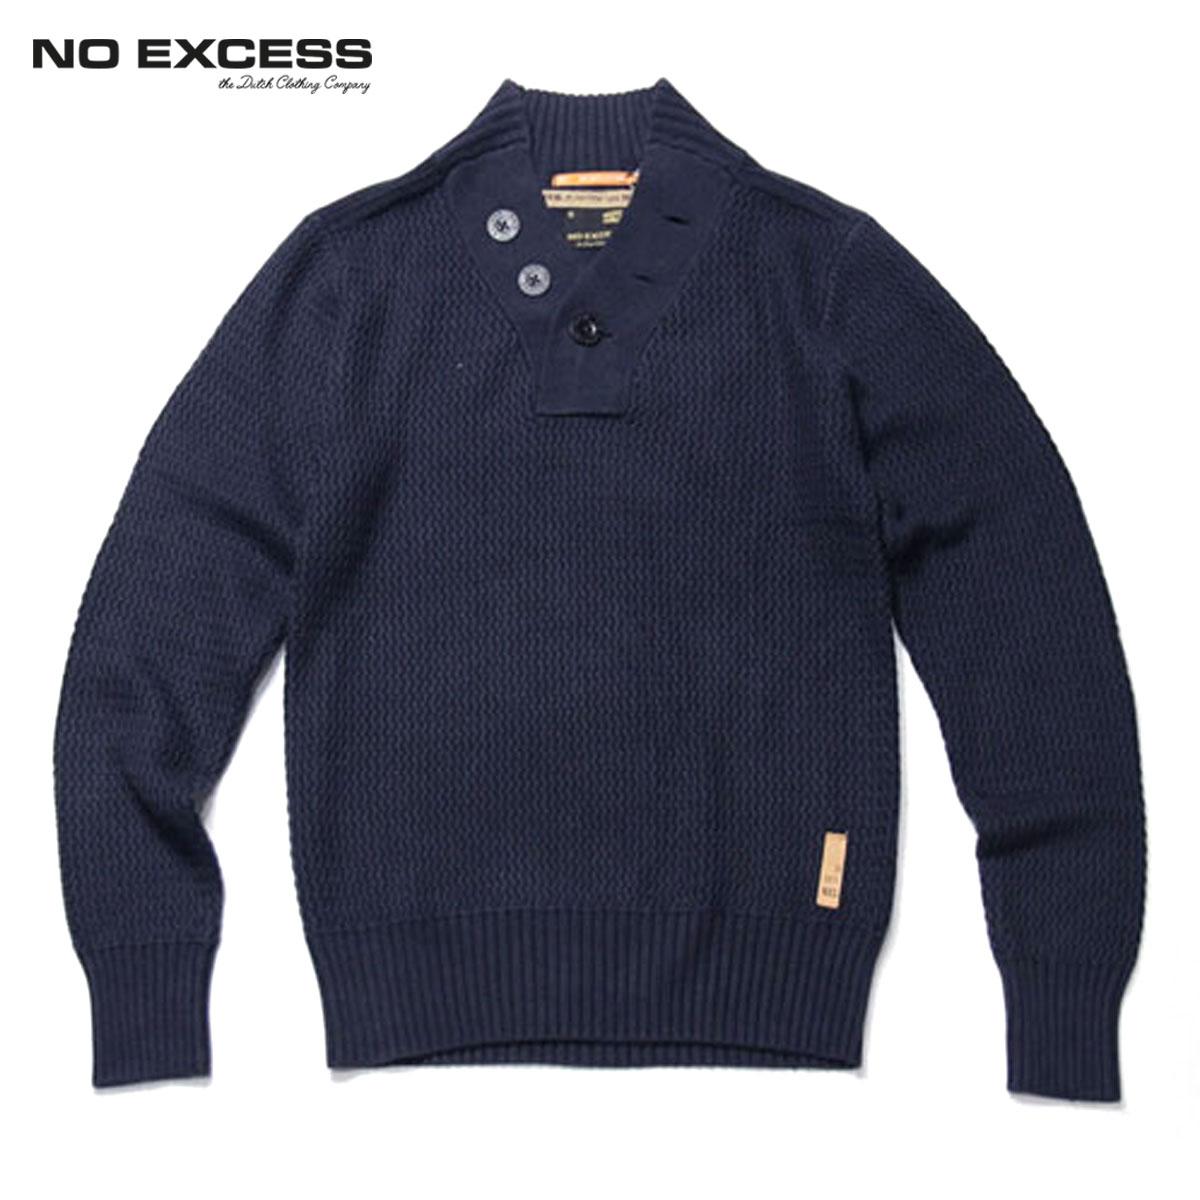 ノーエクセス NO EXCESS 正規販売店 メンズ ヘンリーセーター HENRY NECK CABLE KNIT 230801 078 NAVY D15S25